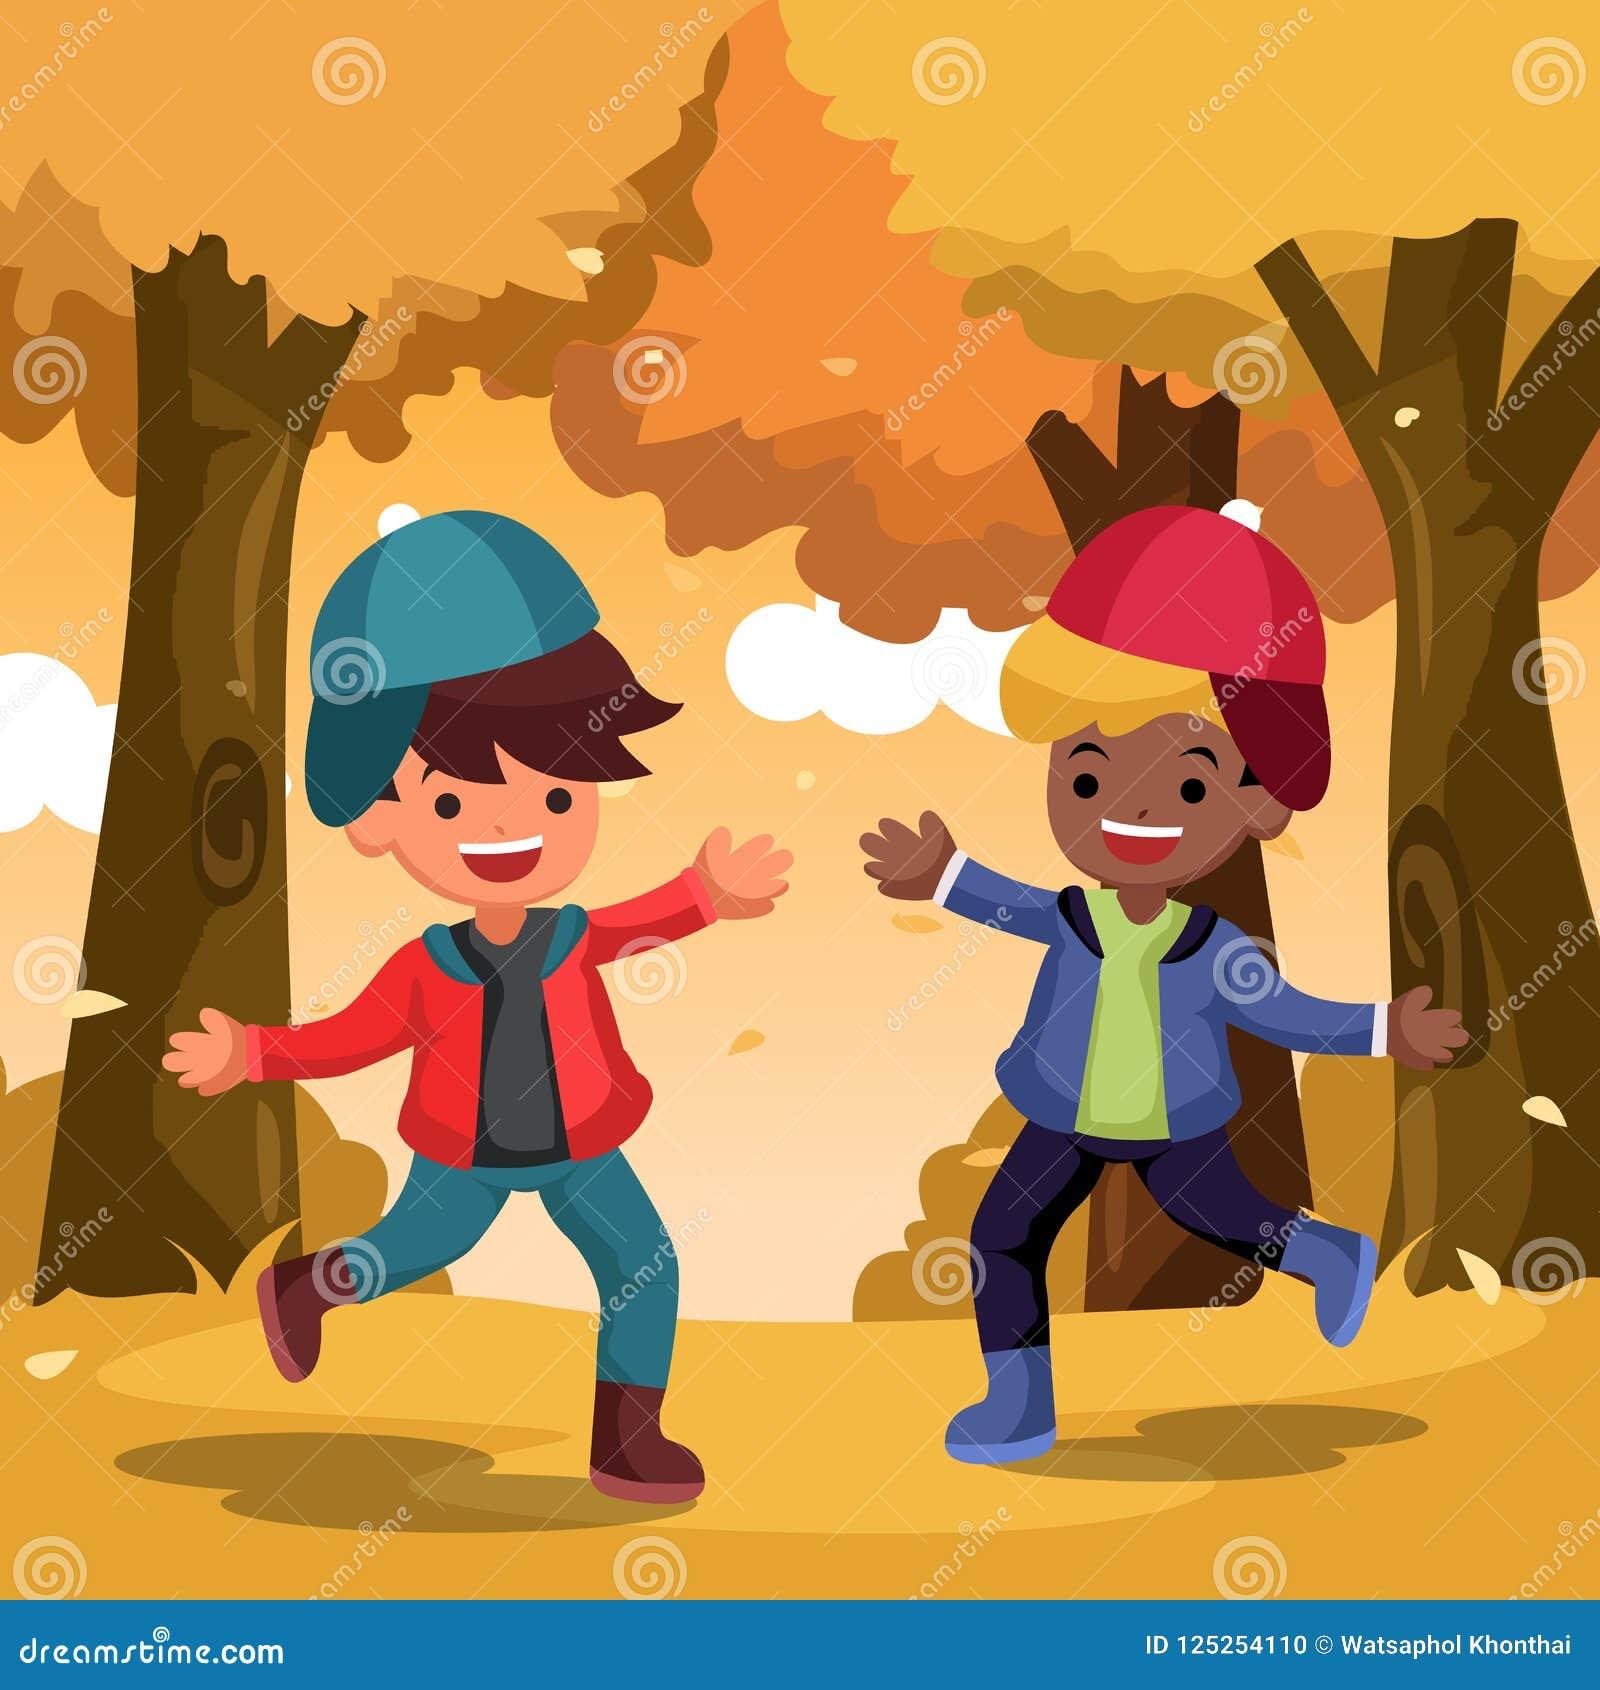 Διανυσματική ευτυχής χαριτωμένη διασκέδαση παιδιών και παιχνίδι με τα φύλλα φθινοπώρου στον κήπο